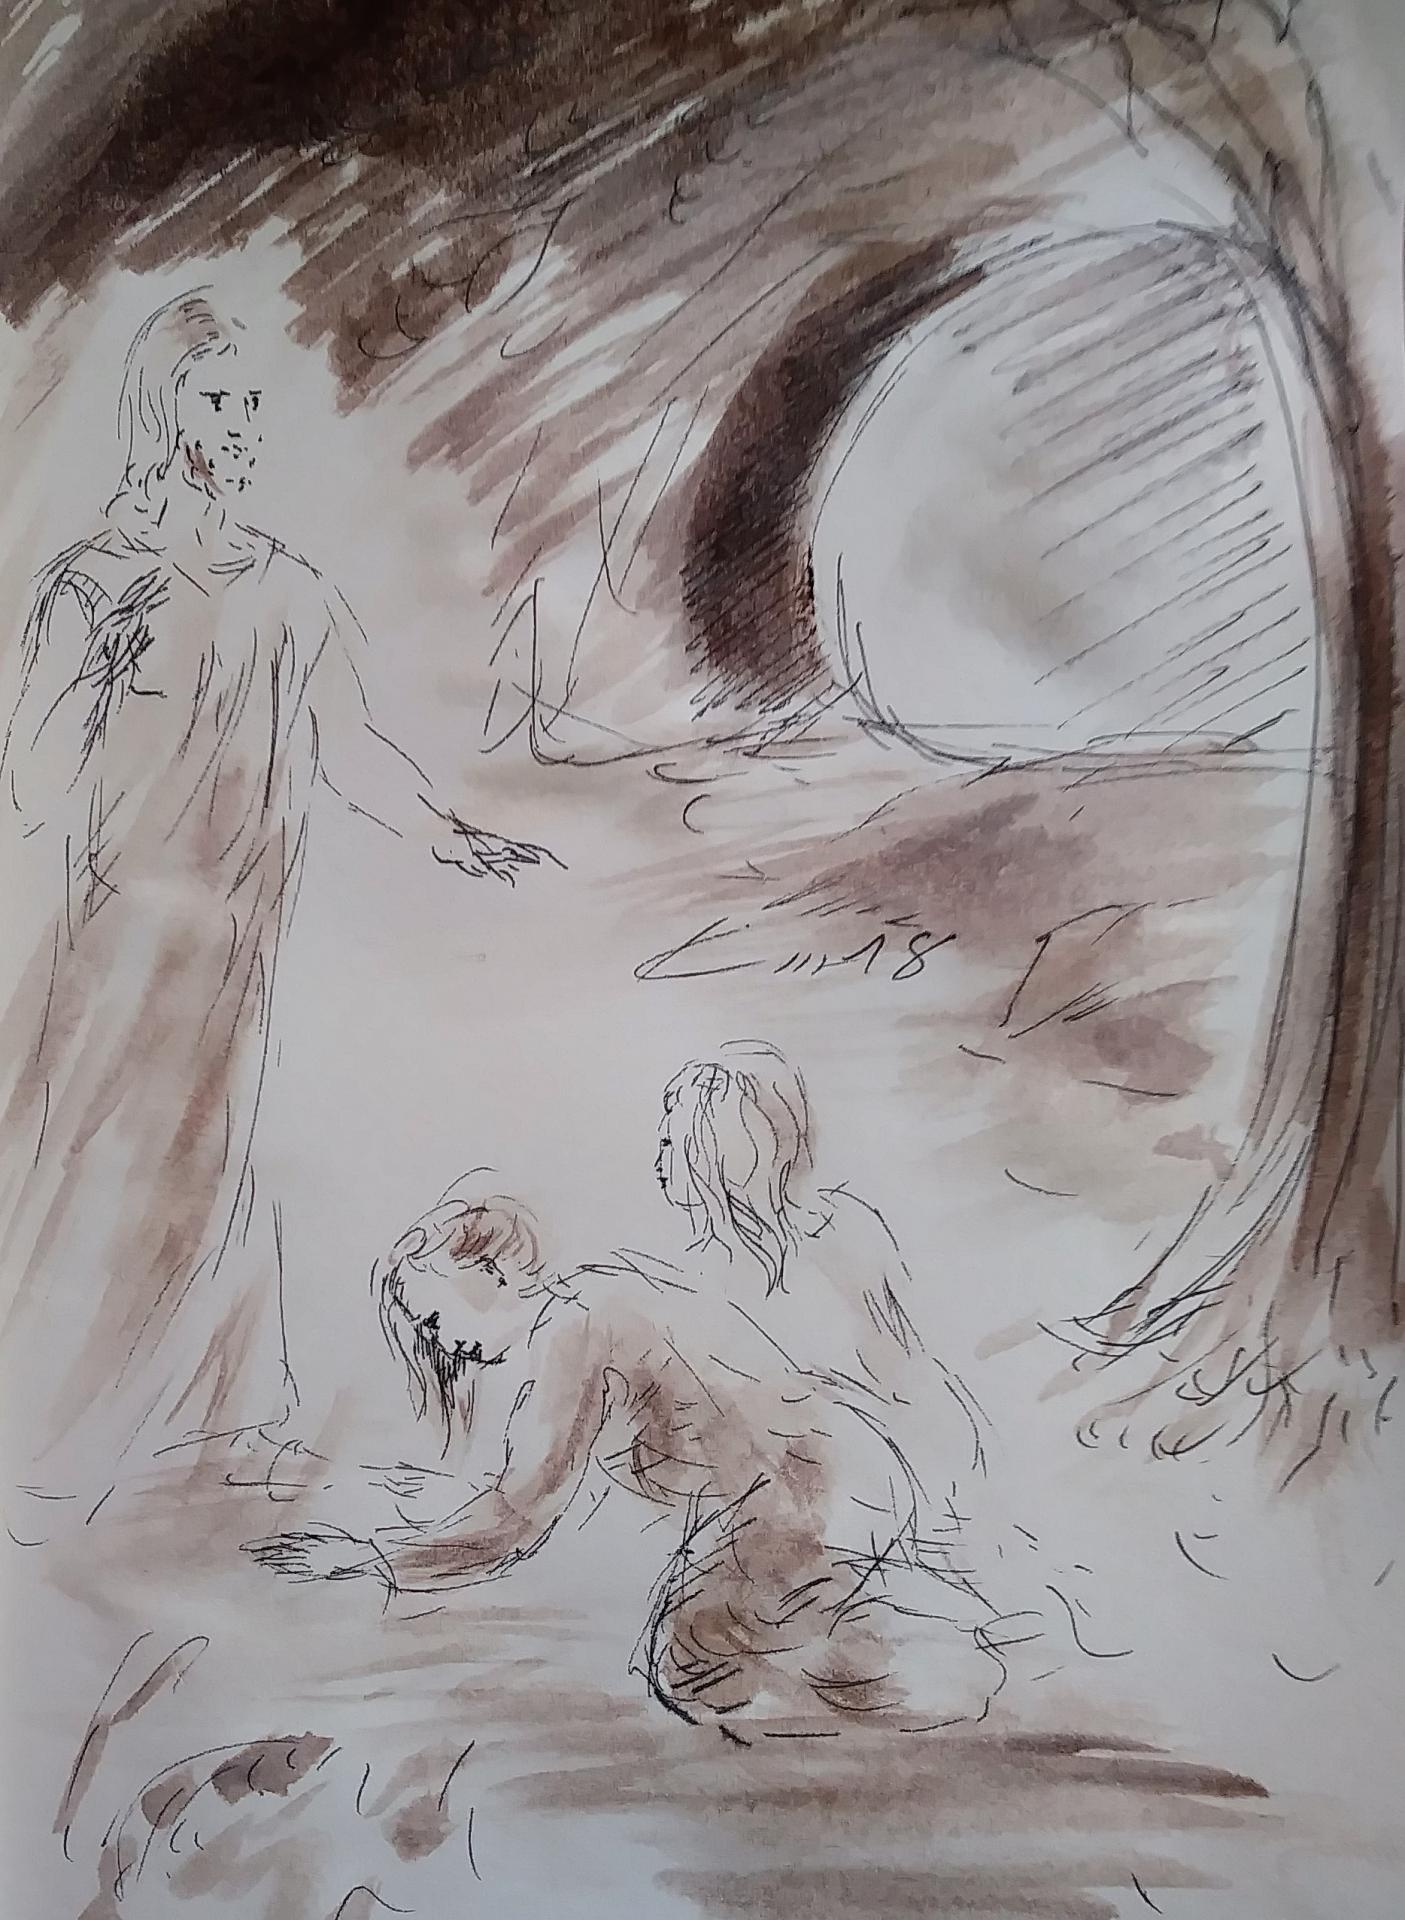 2 Avril 2018, évangile du jour illustré par un dessin au lavis